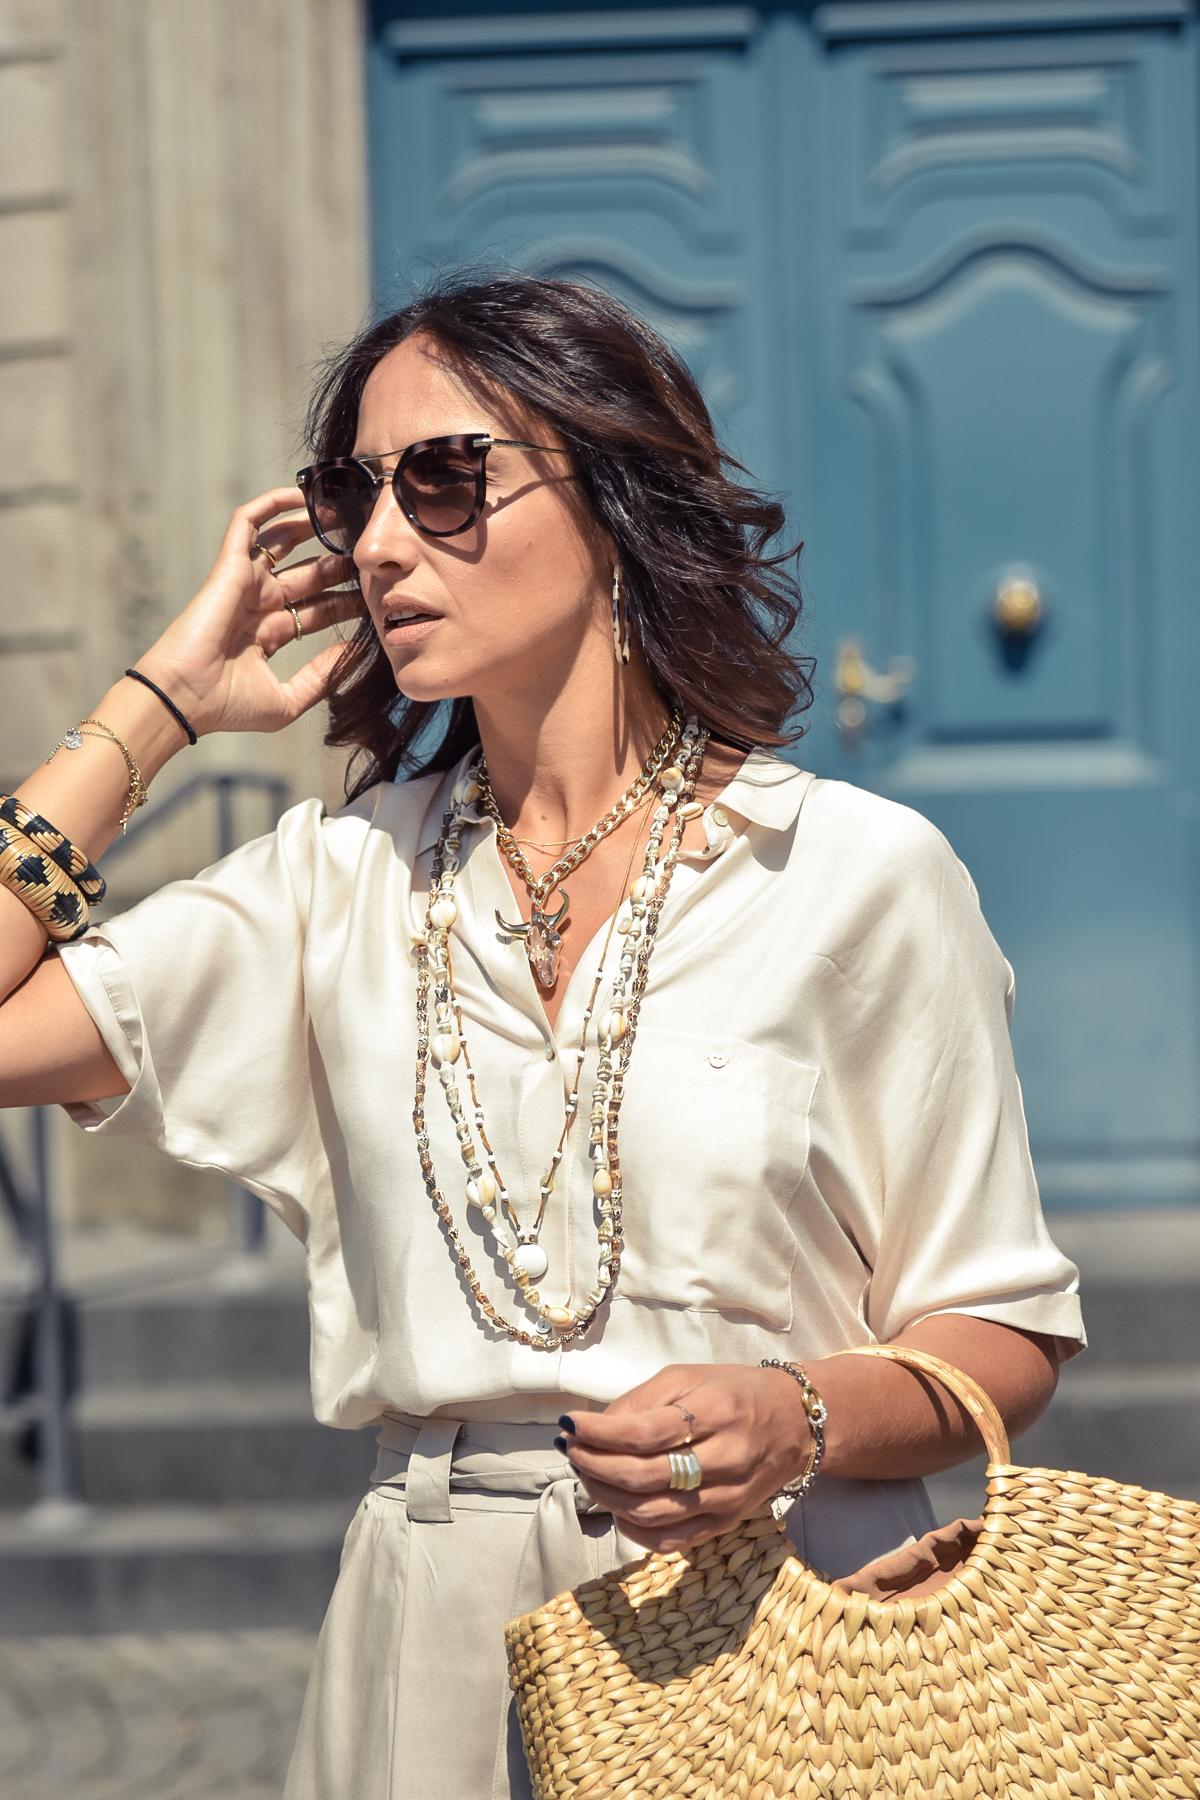 el-blog-de-silvia-visitar-dusseldorf-pared-mosaico-colores-look-pantalon-blusa-beige-02